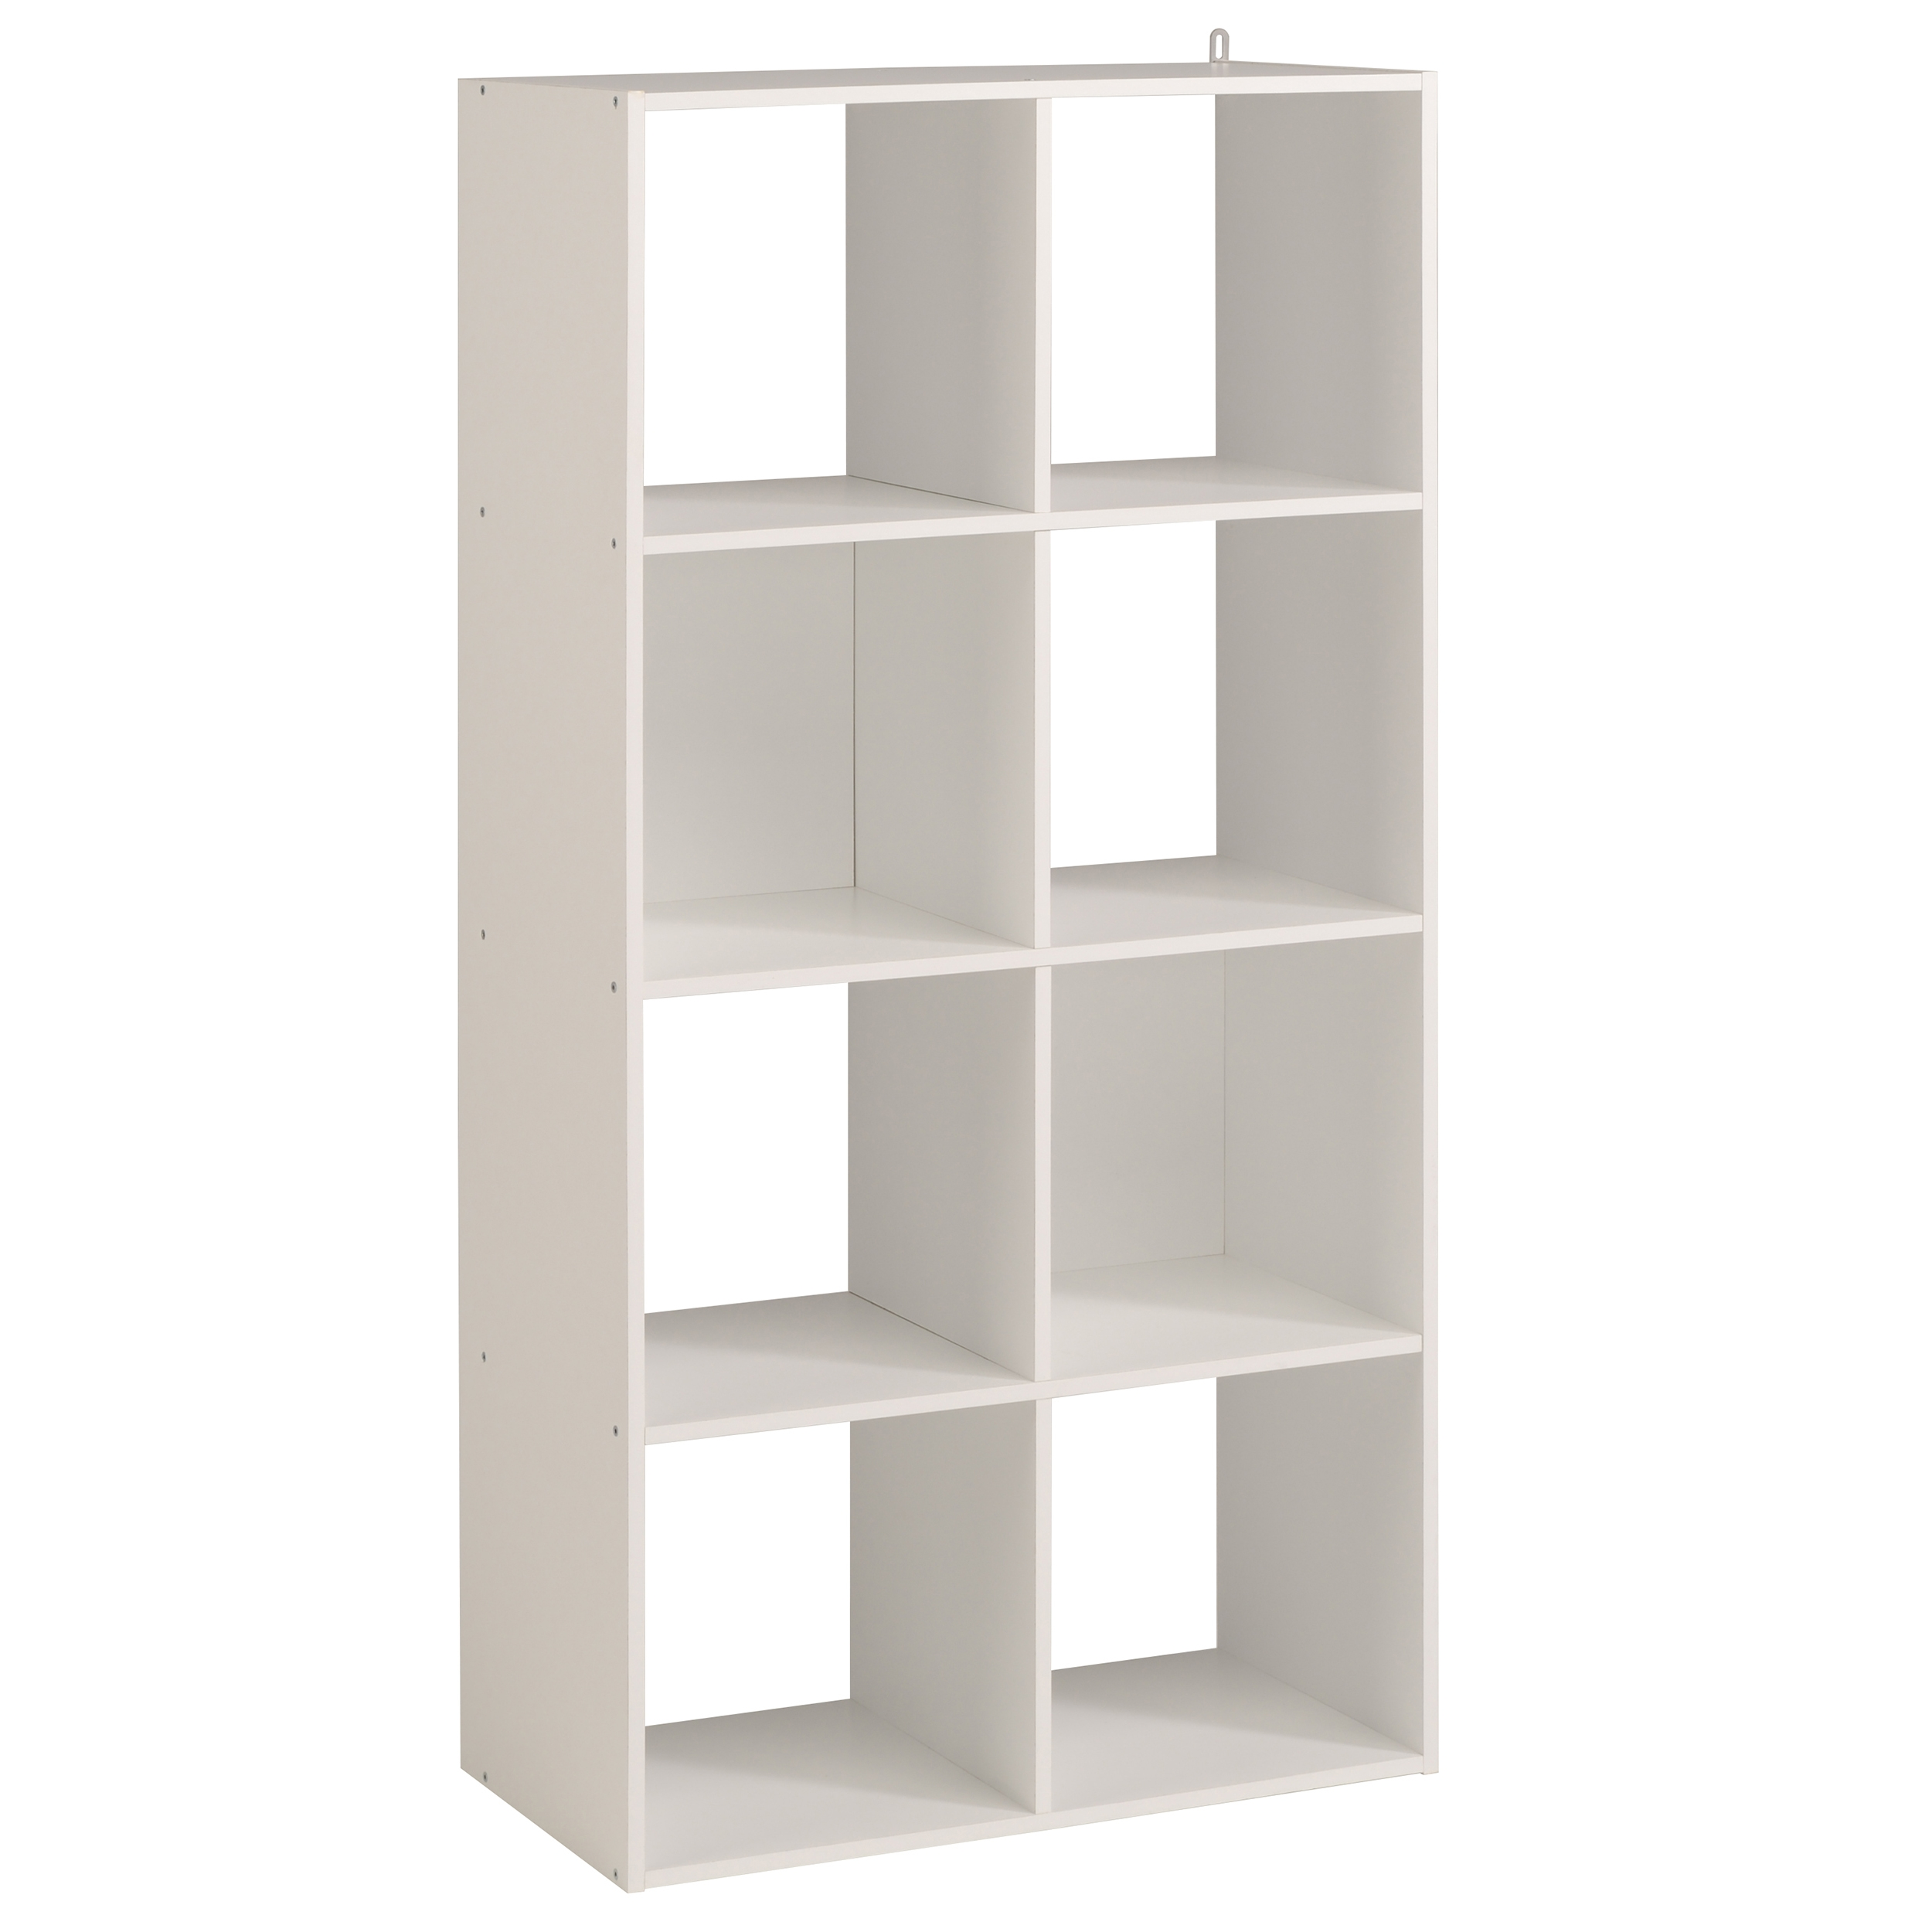 Rangement 8 cases blanc kaza for Meuble 6 cases